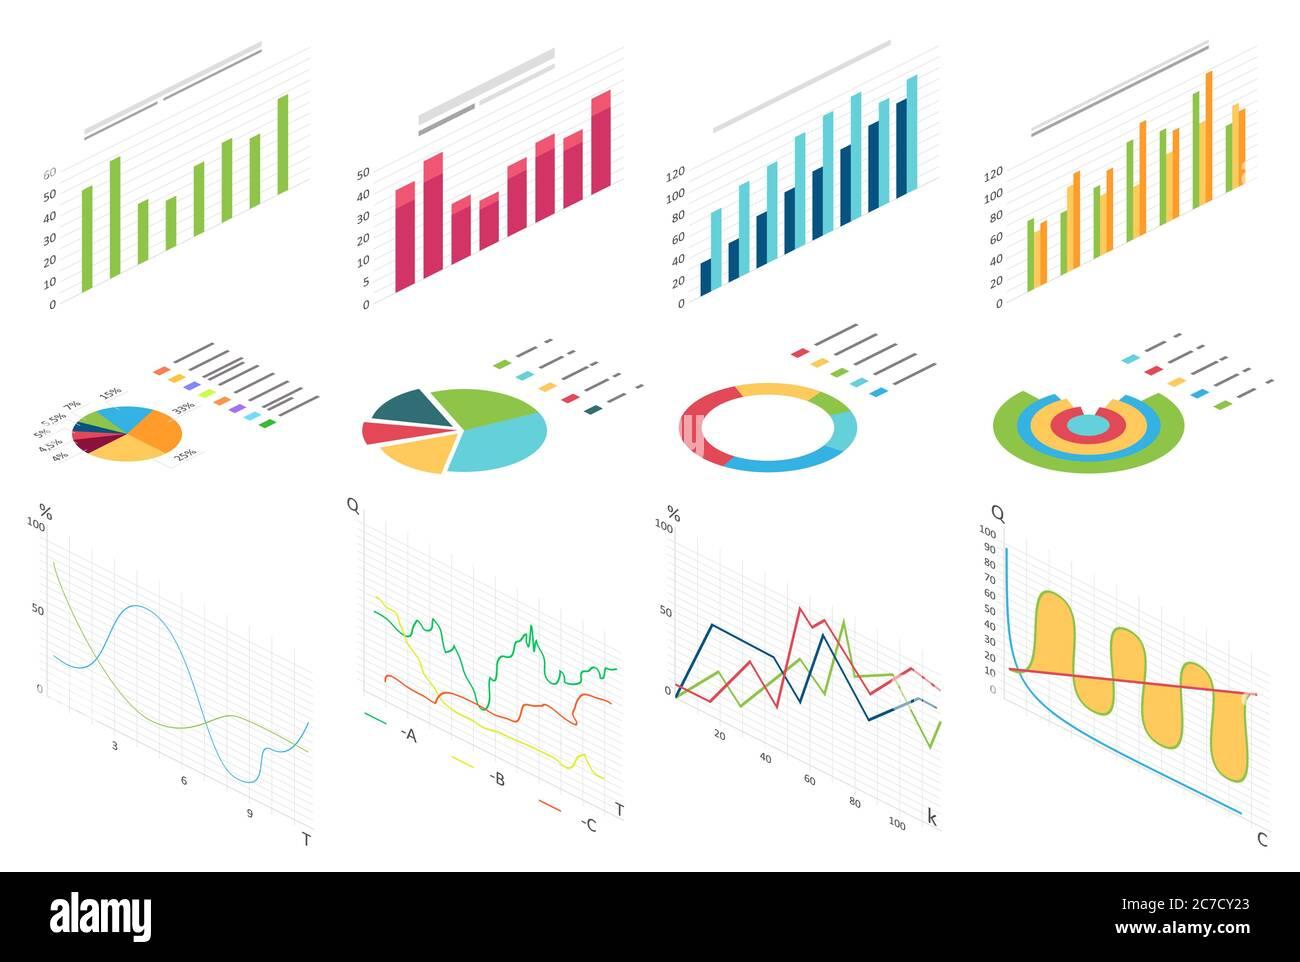 Graphique isométrique de financement des données plates, graphiques de financement des entreprises pour infographie. Données graphiques de courbes, statistiques de diagramme 2d, colonnes d'information illustration vectorielle isolée Illustration de Vecteur